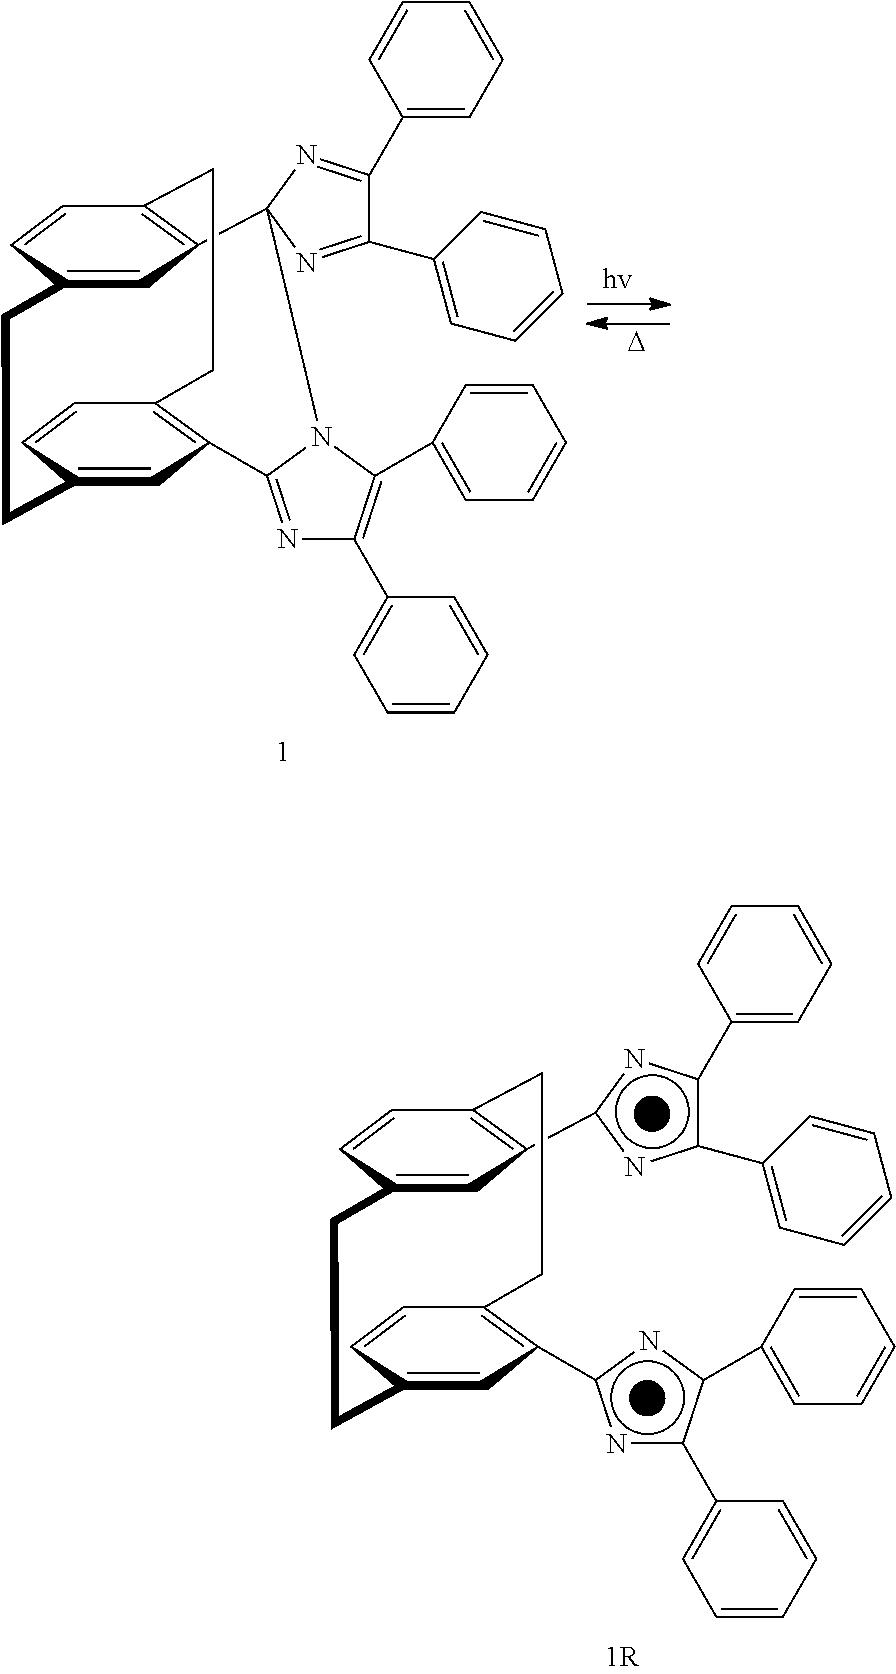 Figure US20110242349A1-20111006-C00001